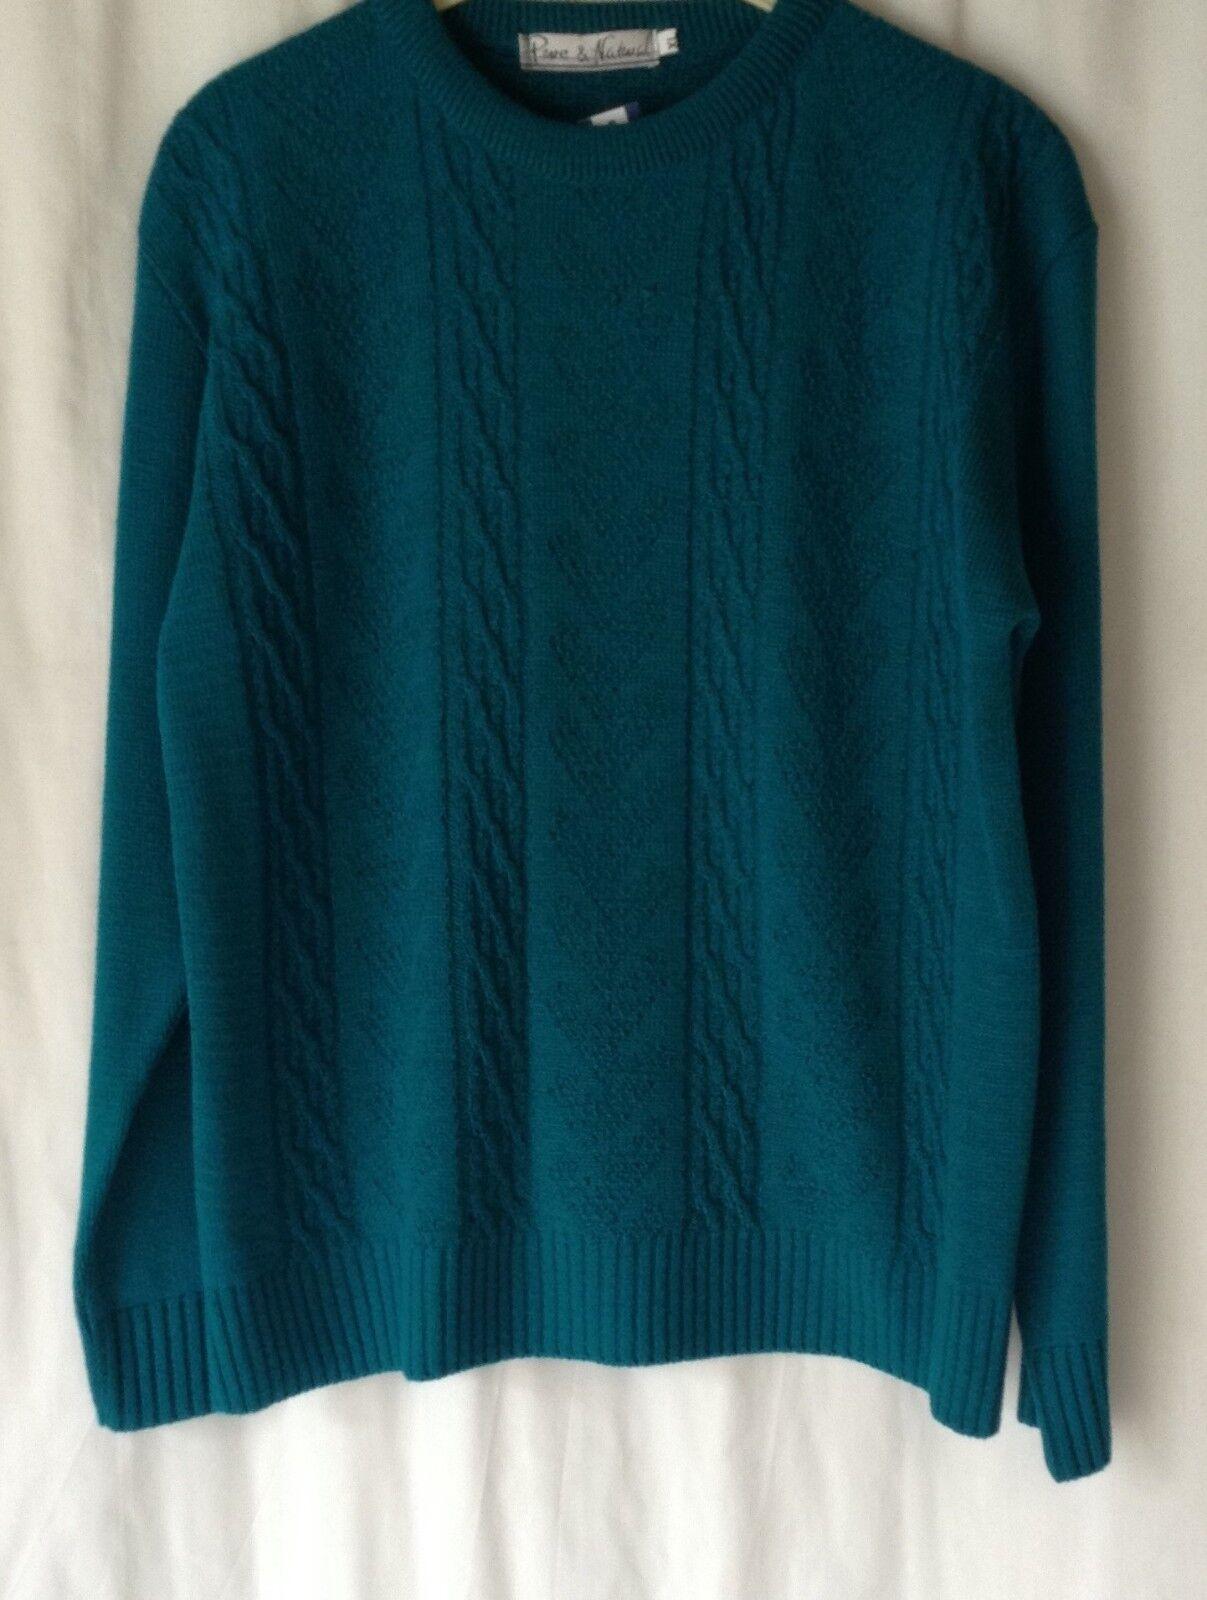 Nouveau encolure Femme Acrylique à encolure Nouveau ras-du-cou Pull à manches longues * 14 couleurs * Tailles 10-16 6dcaef